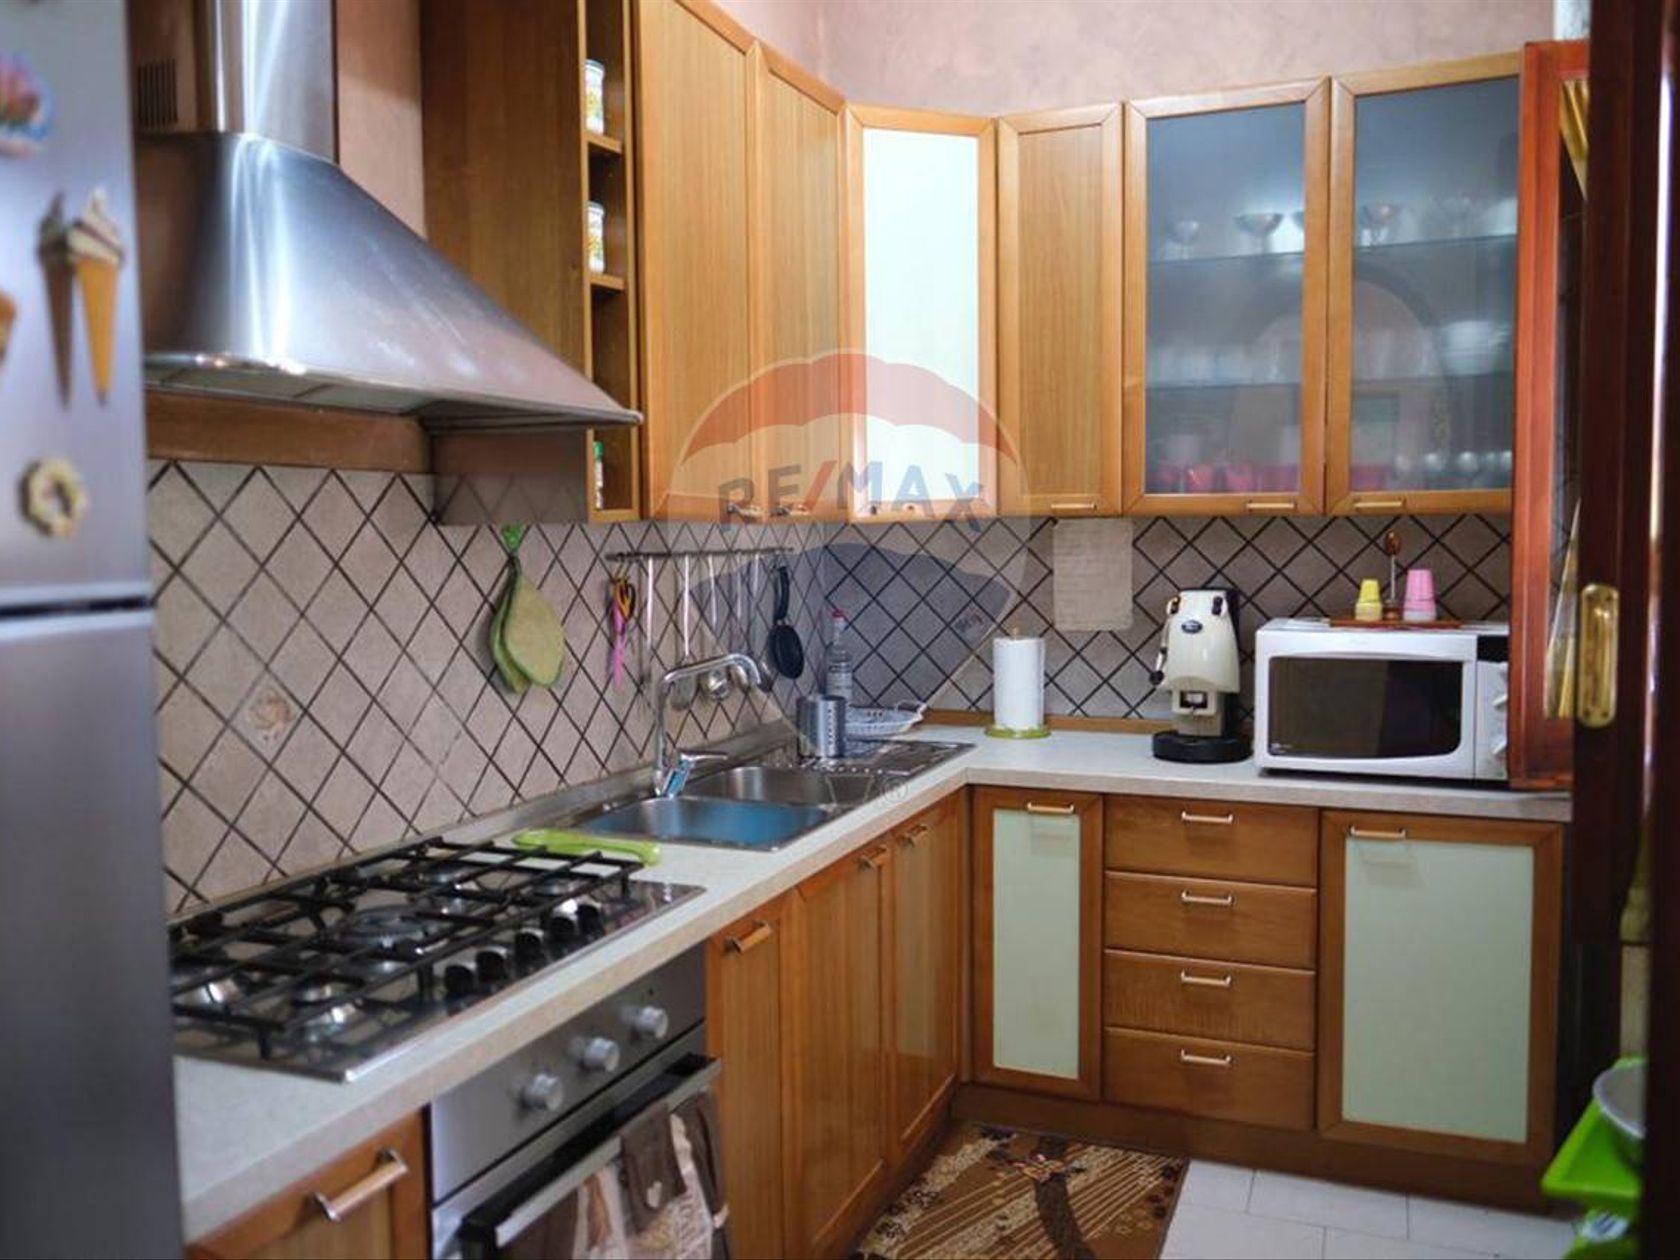 Casa Indipendente Zona stazione, Aversa, CE Vendita - Foto 7